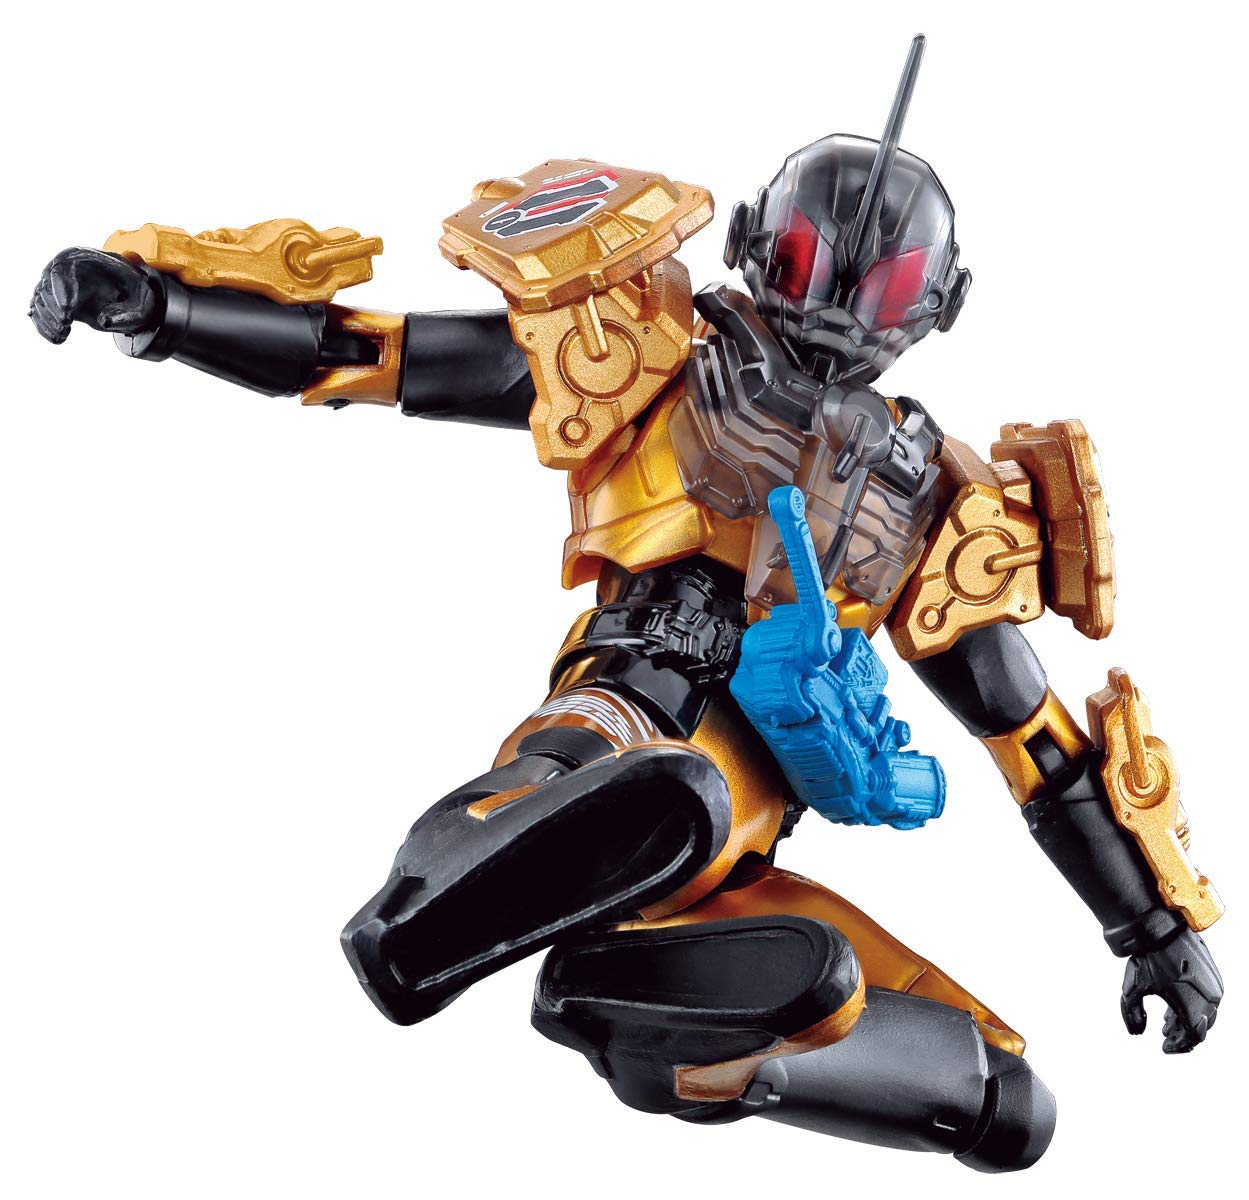 RKFレジェンドライダーシリーズ『仮面ライダーグリス 仮面ライダービルド』可動フィギュア-006